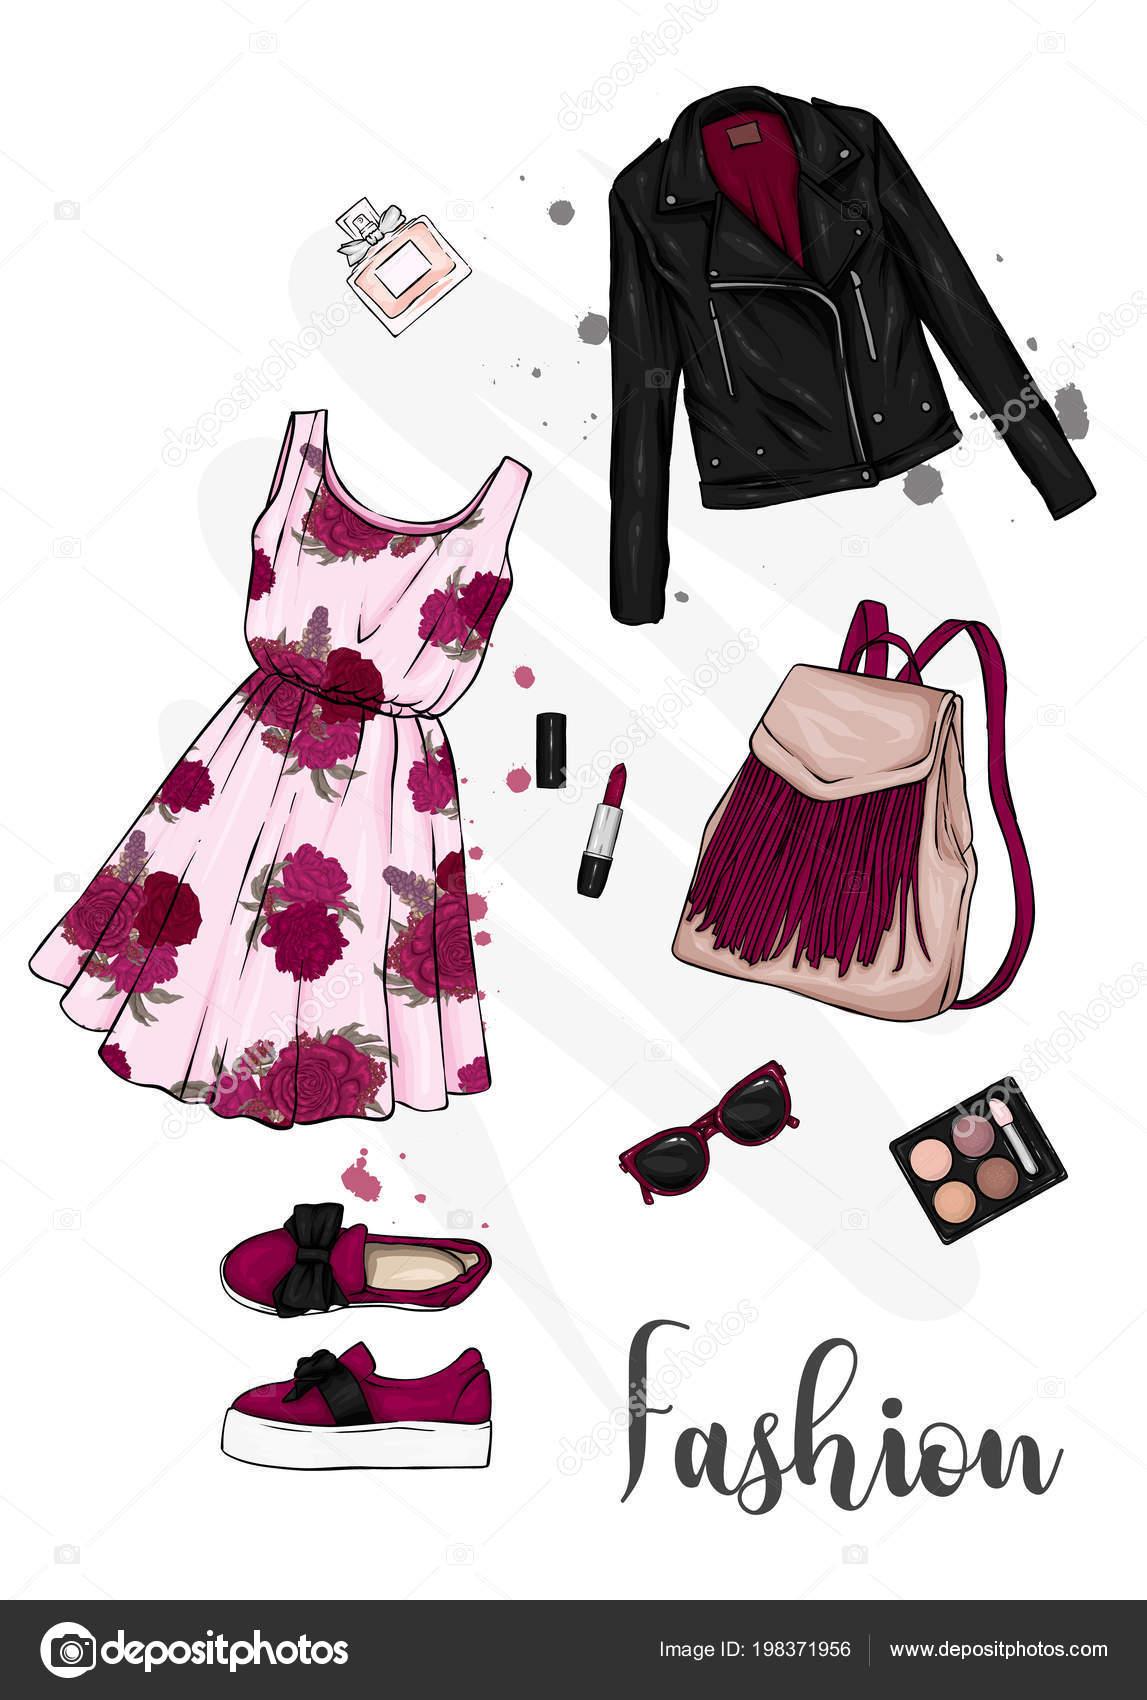 2923c86b7 Conjunto Ropa Mujer Elegante Mirada Moda Vestido Zapatos Mochila  Maquillaje– ilustración de stock